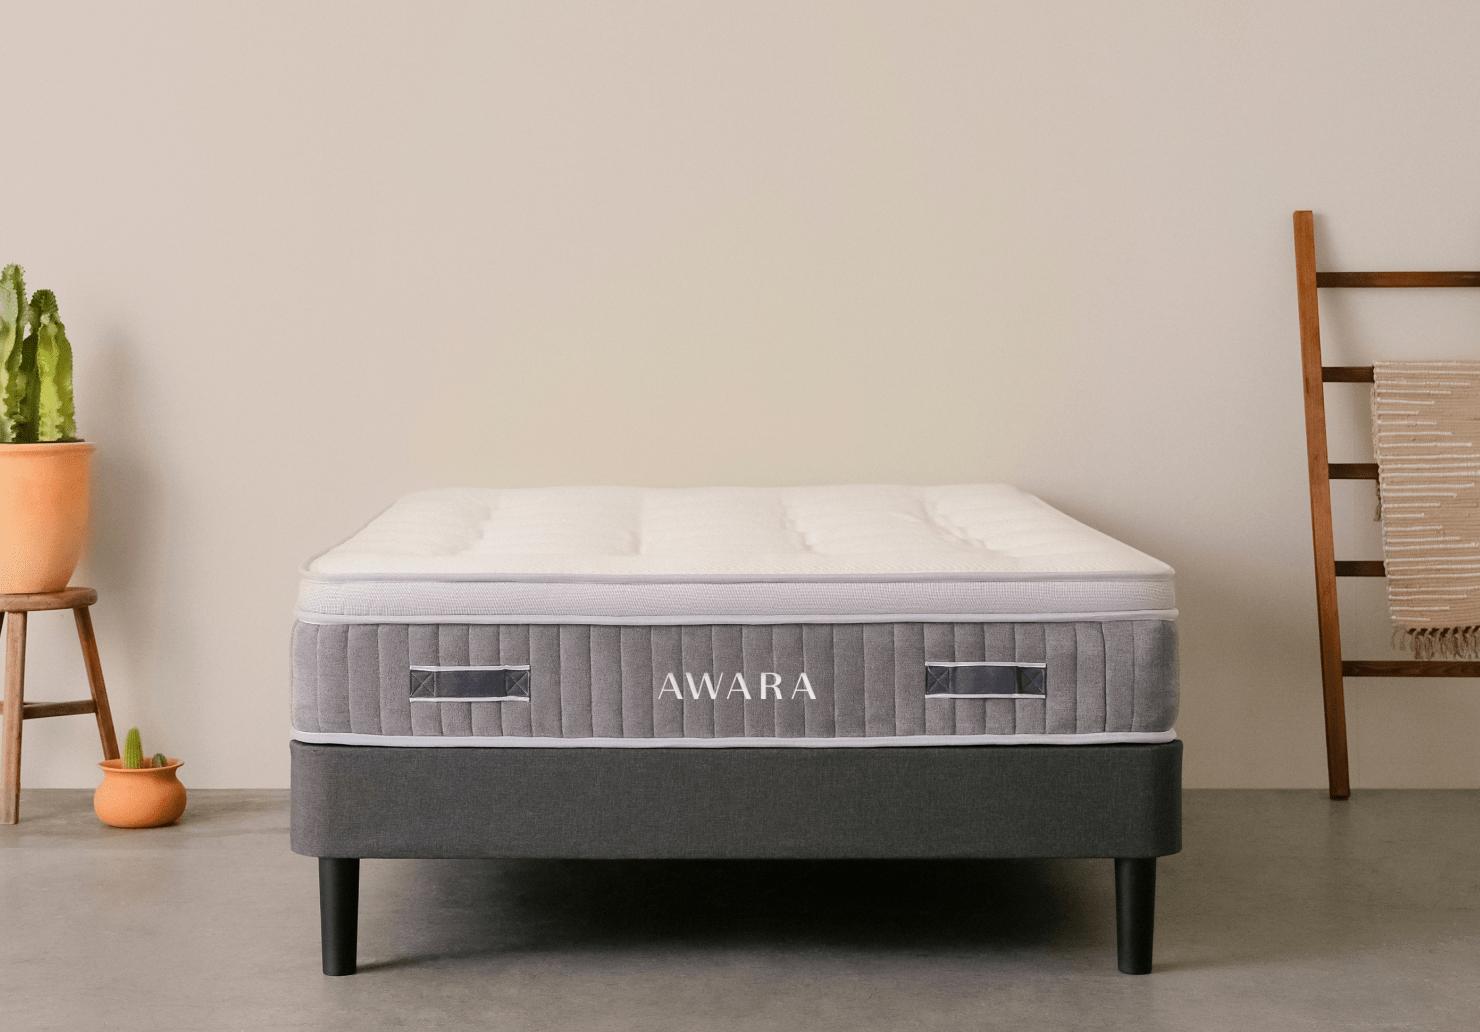 awara mattress review